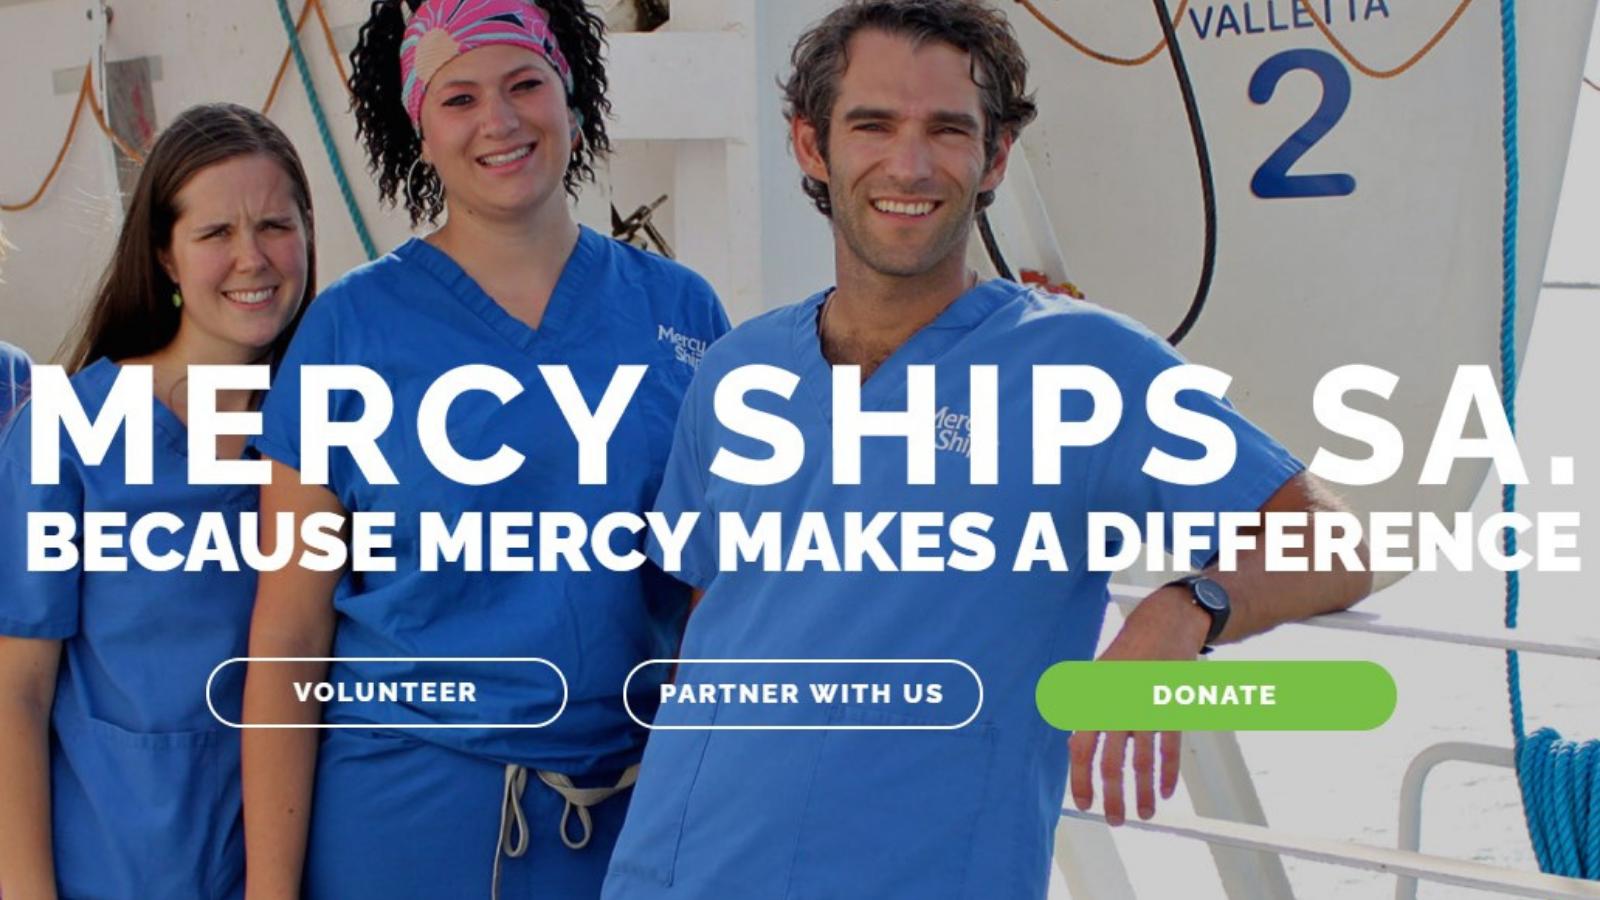 Marcy Ships SA